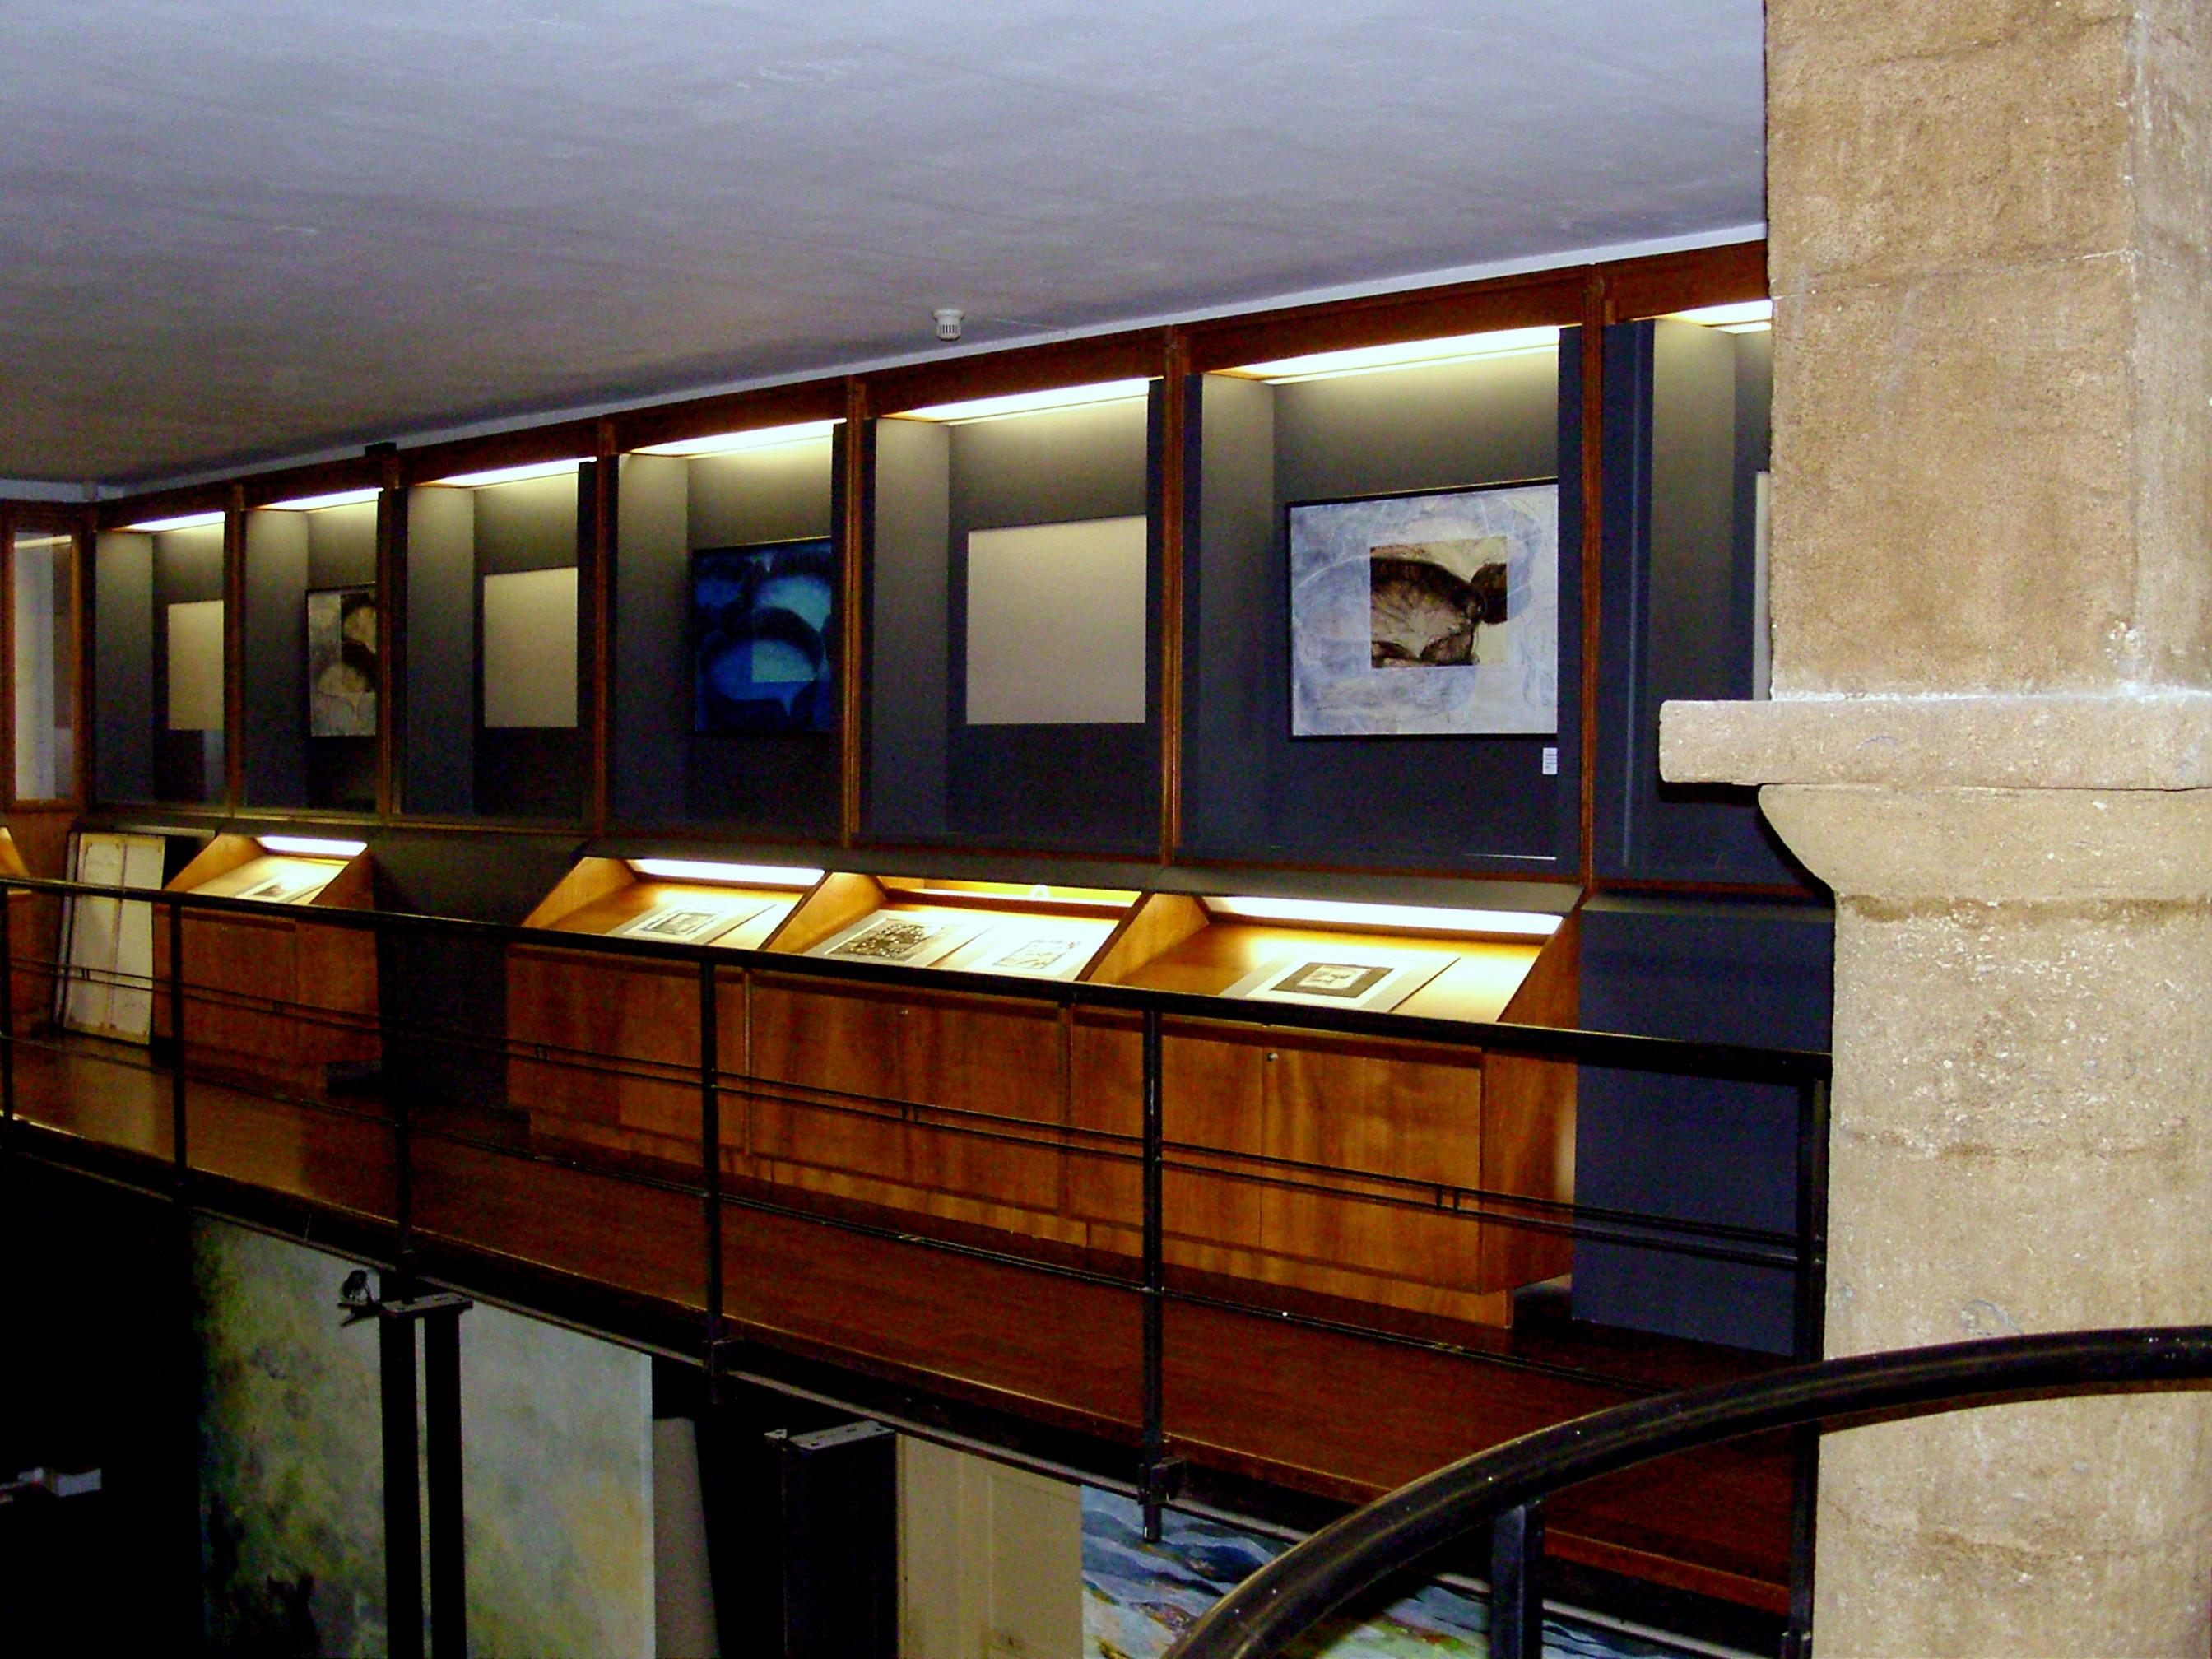 Mostra Orto botanico, Palermo, Sala Giuseppe e Voncenzo Tineo, 2010